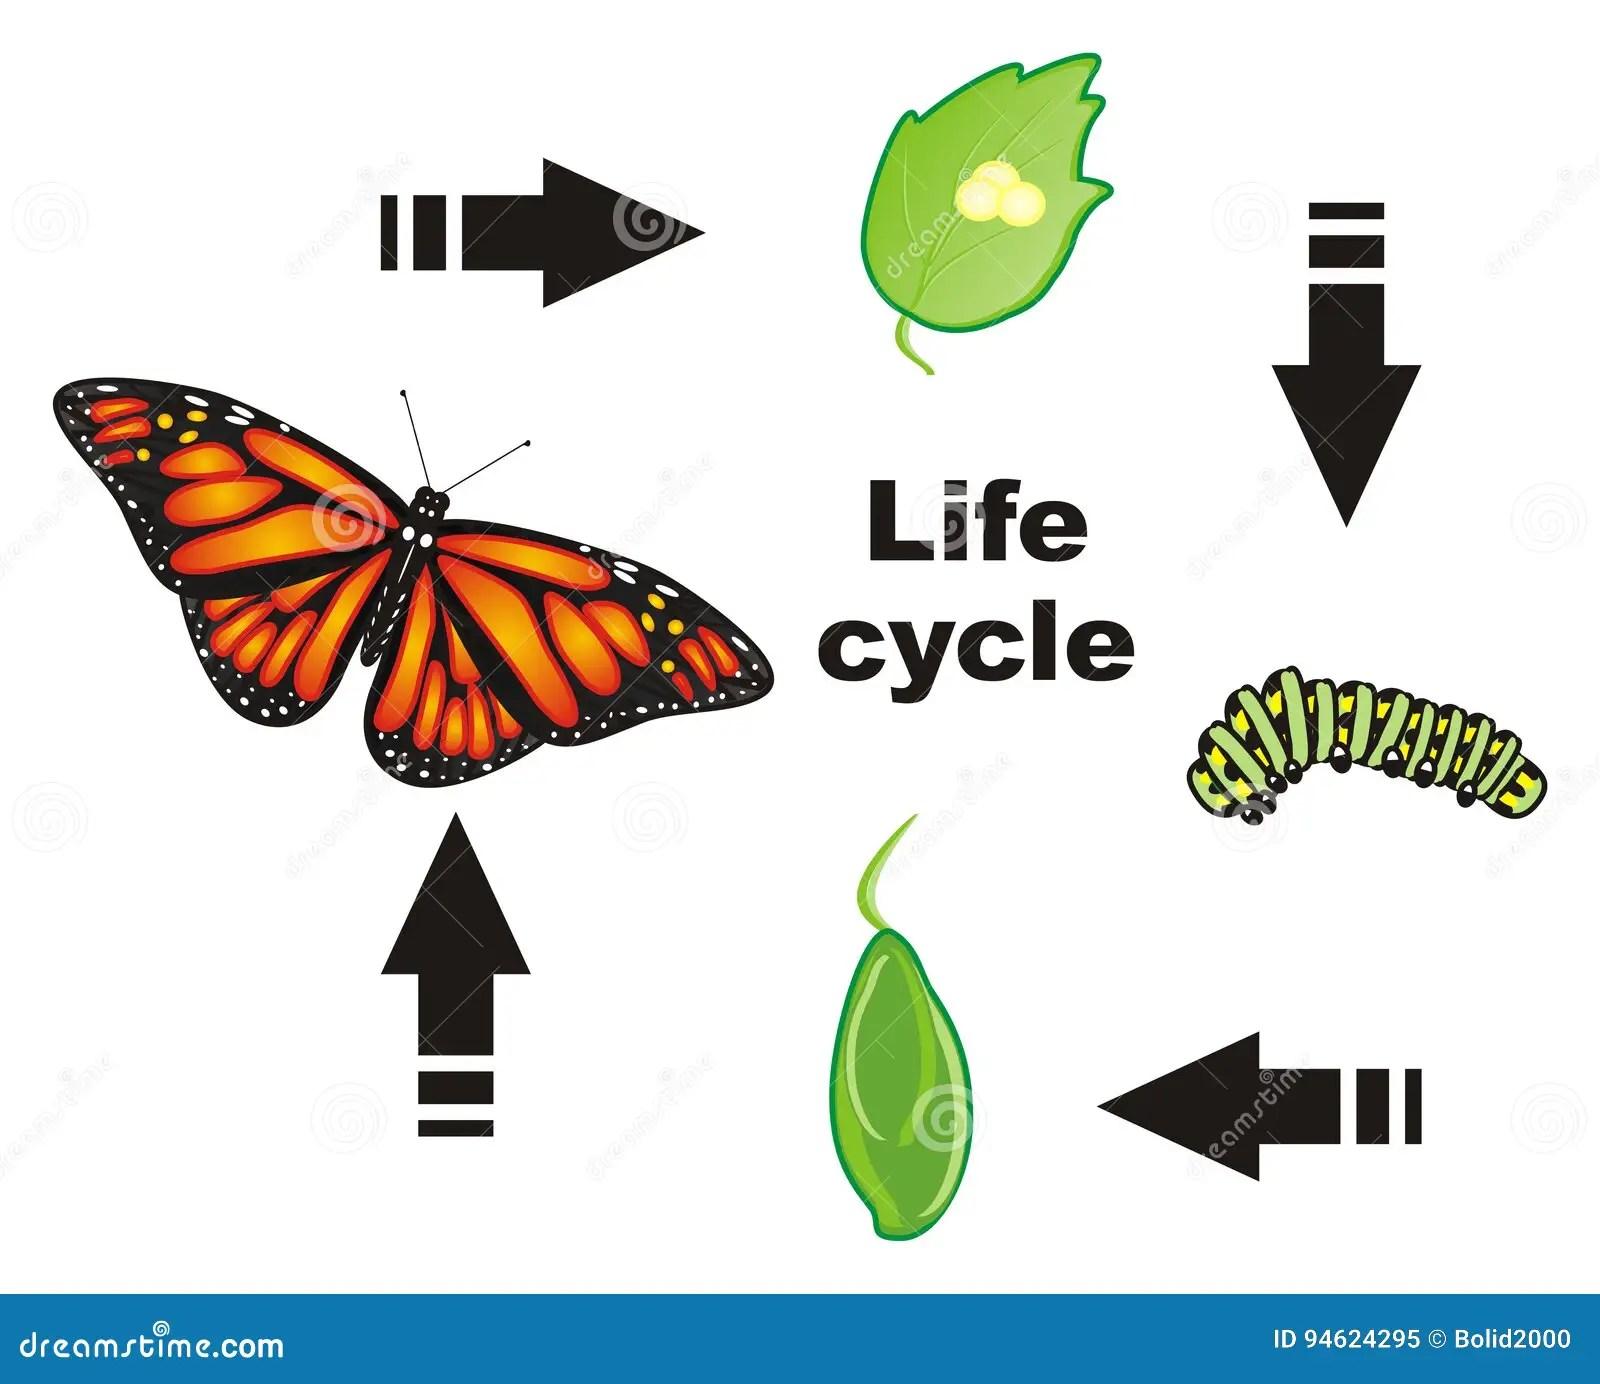 Ciclo De Vida De La Mariposa Stock De Ilustracion